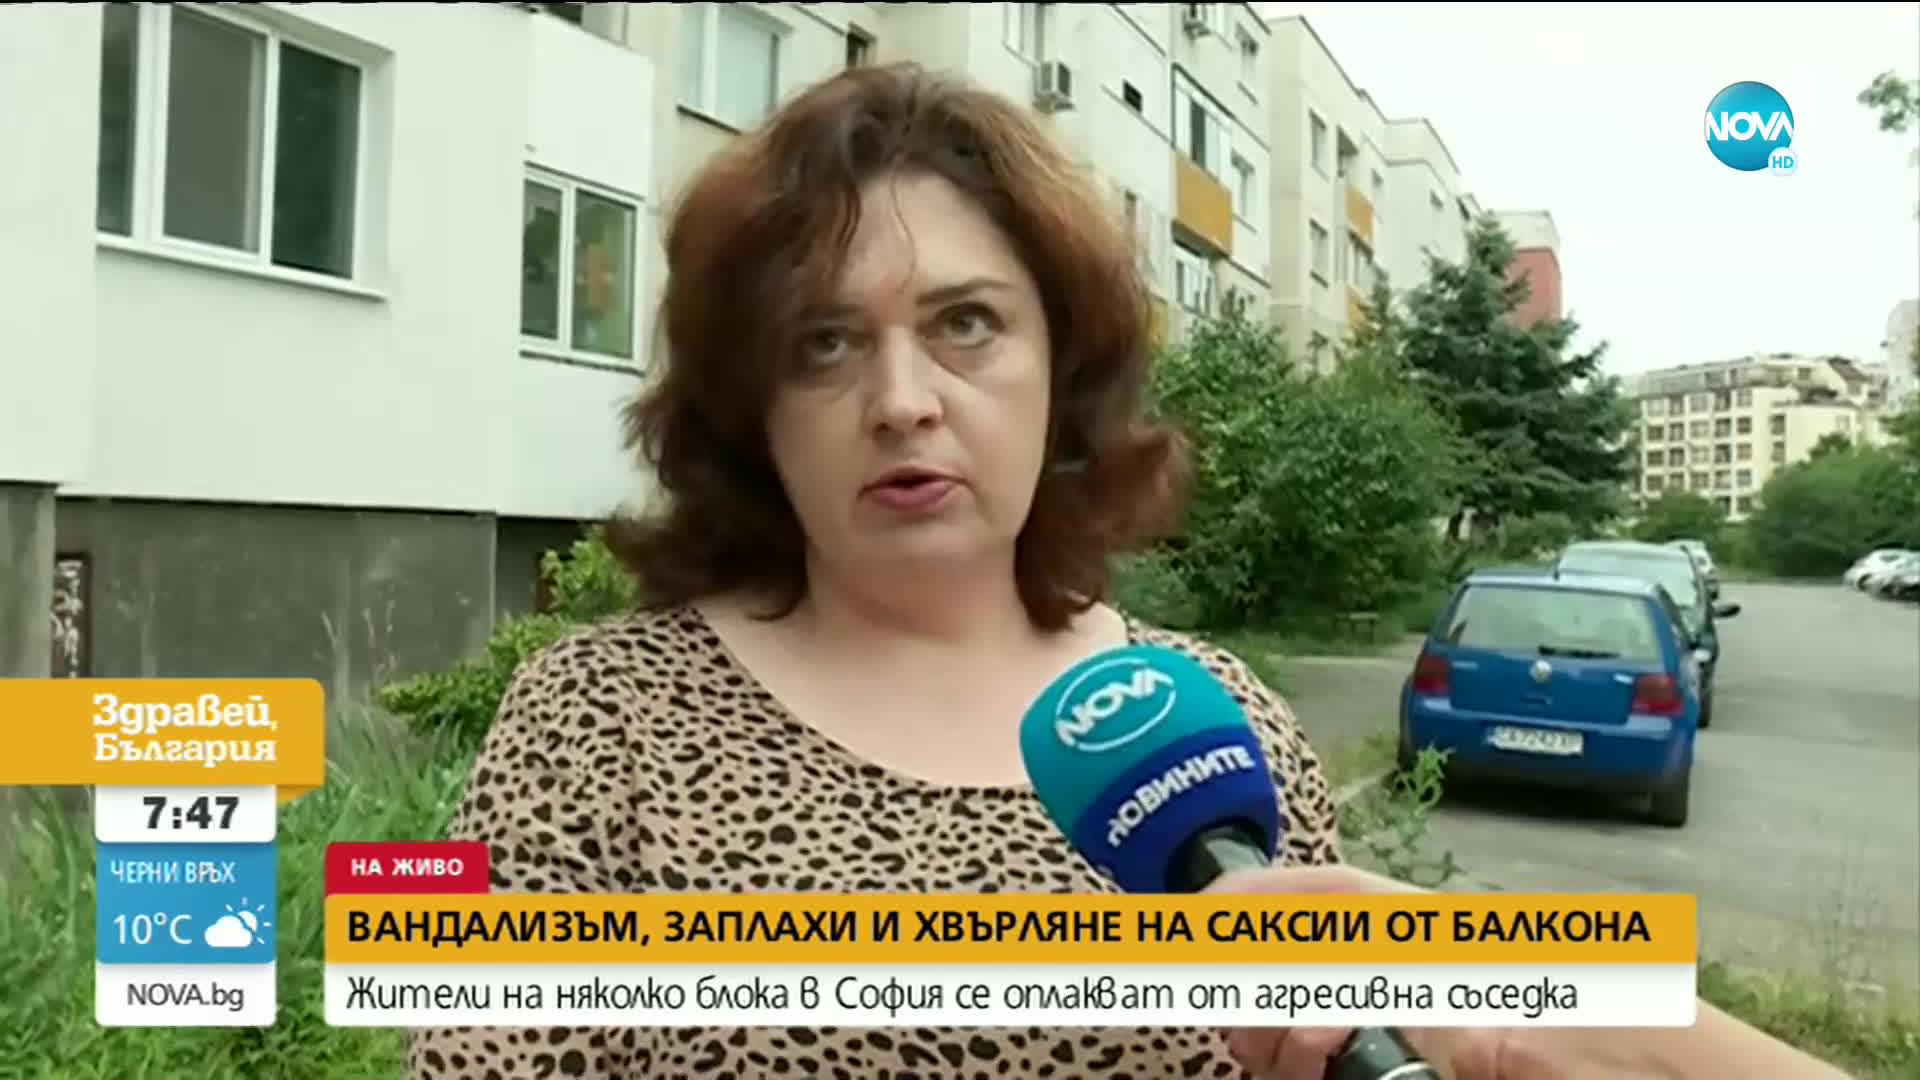 Психично болна жена тормози жители на квартал в София, опитала да удуши нейна съседка